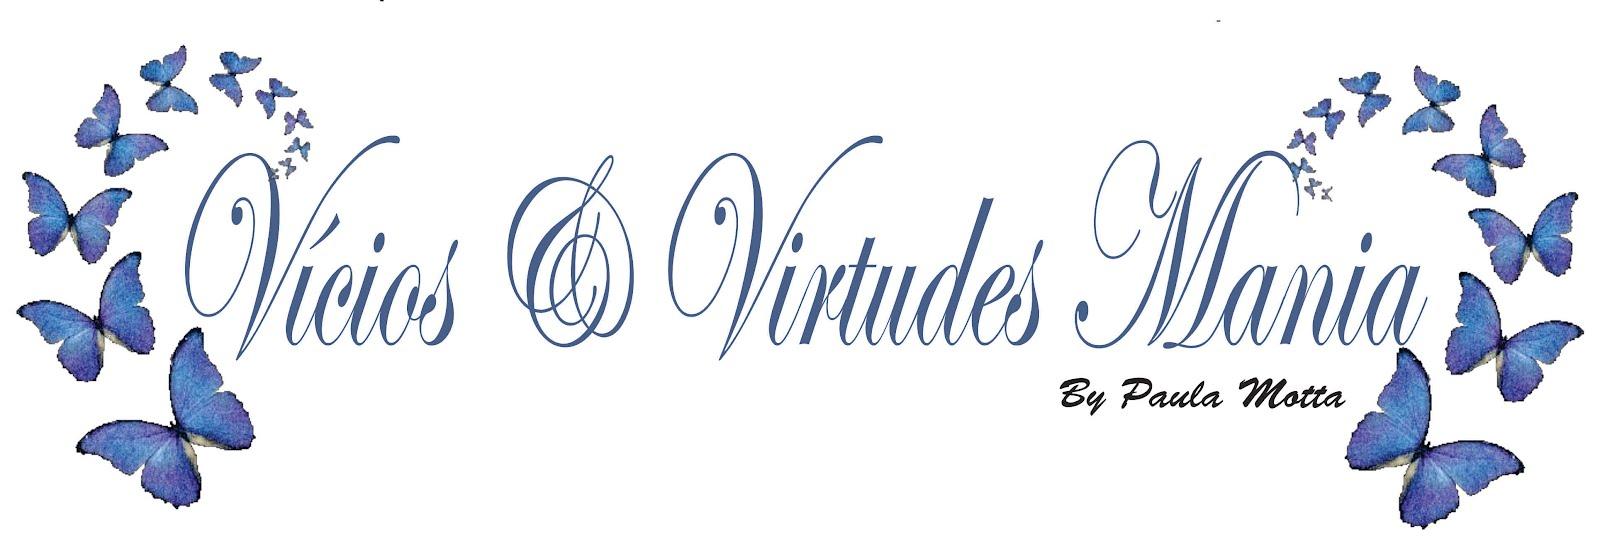 Vícios & virtudes Mania